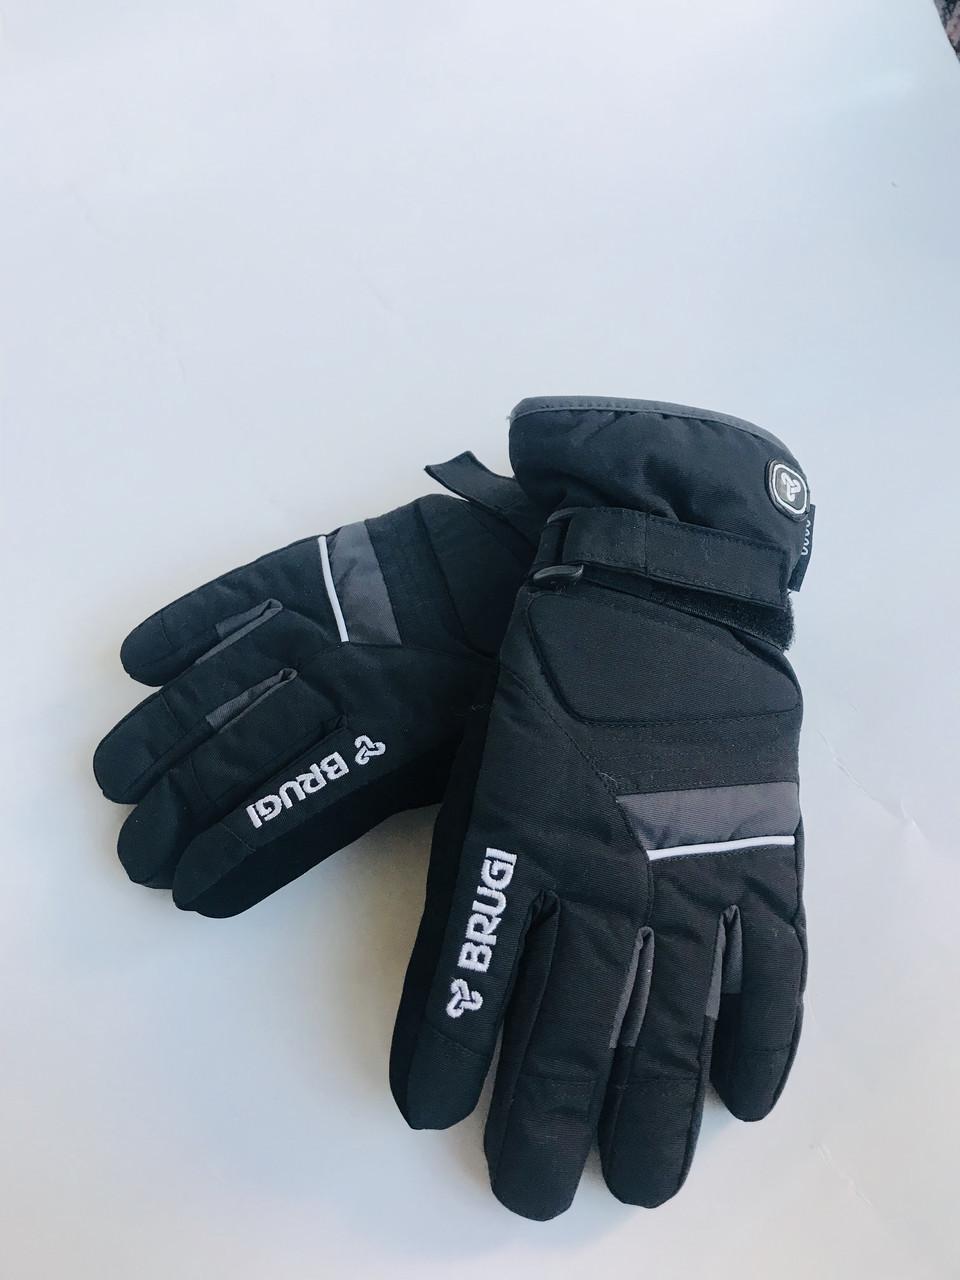 Детские перчатки для мальчика BRUGI Италия JI45 черные 158-164